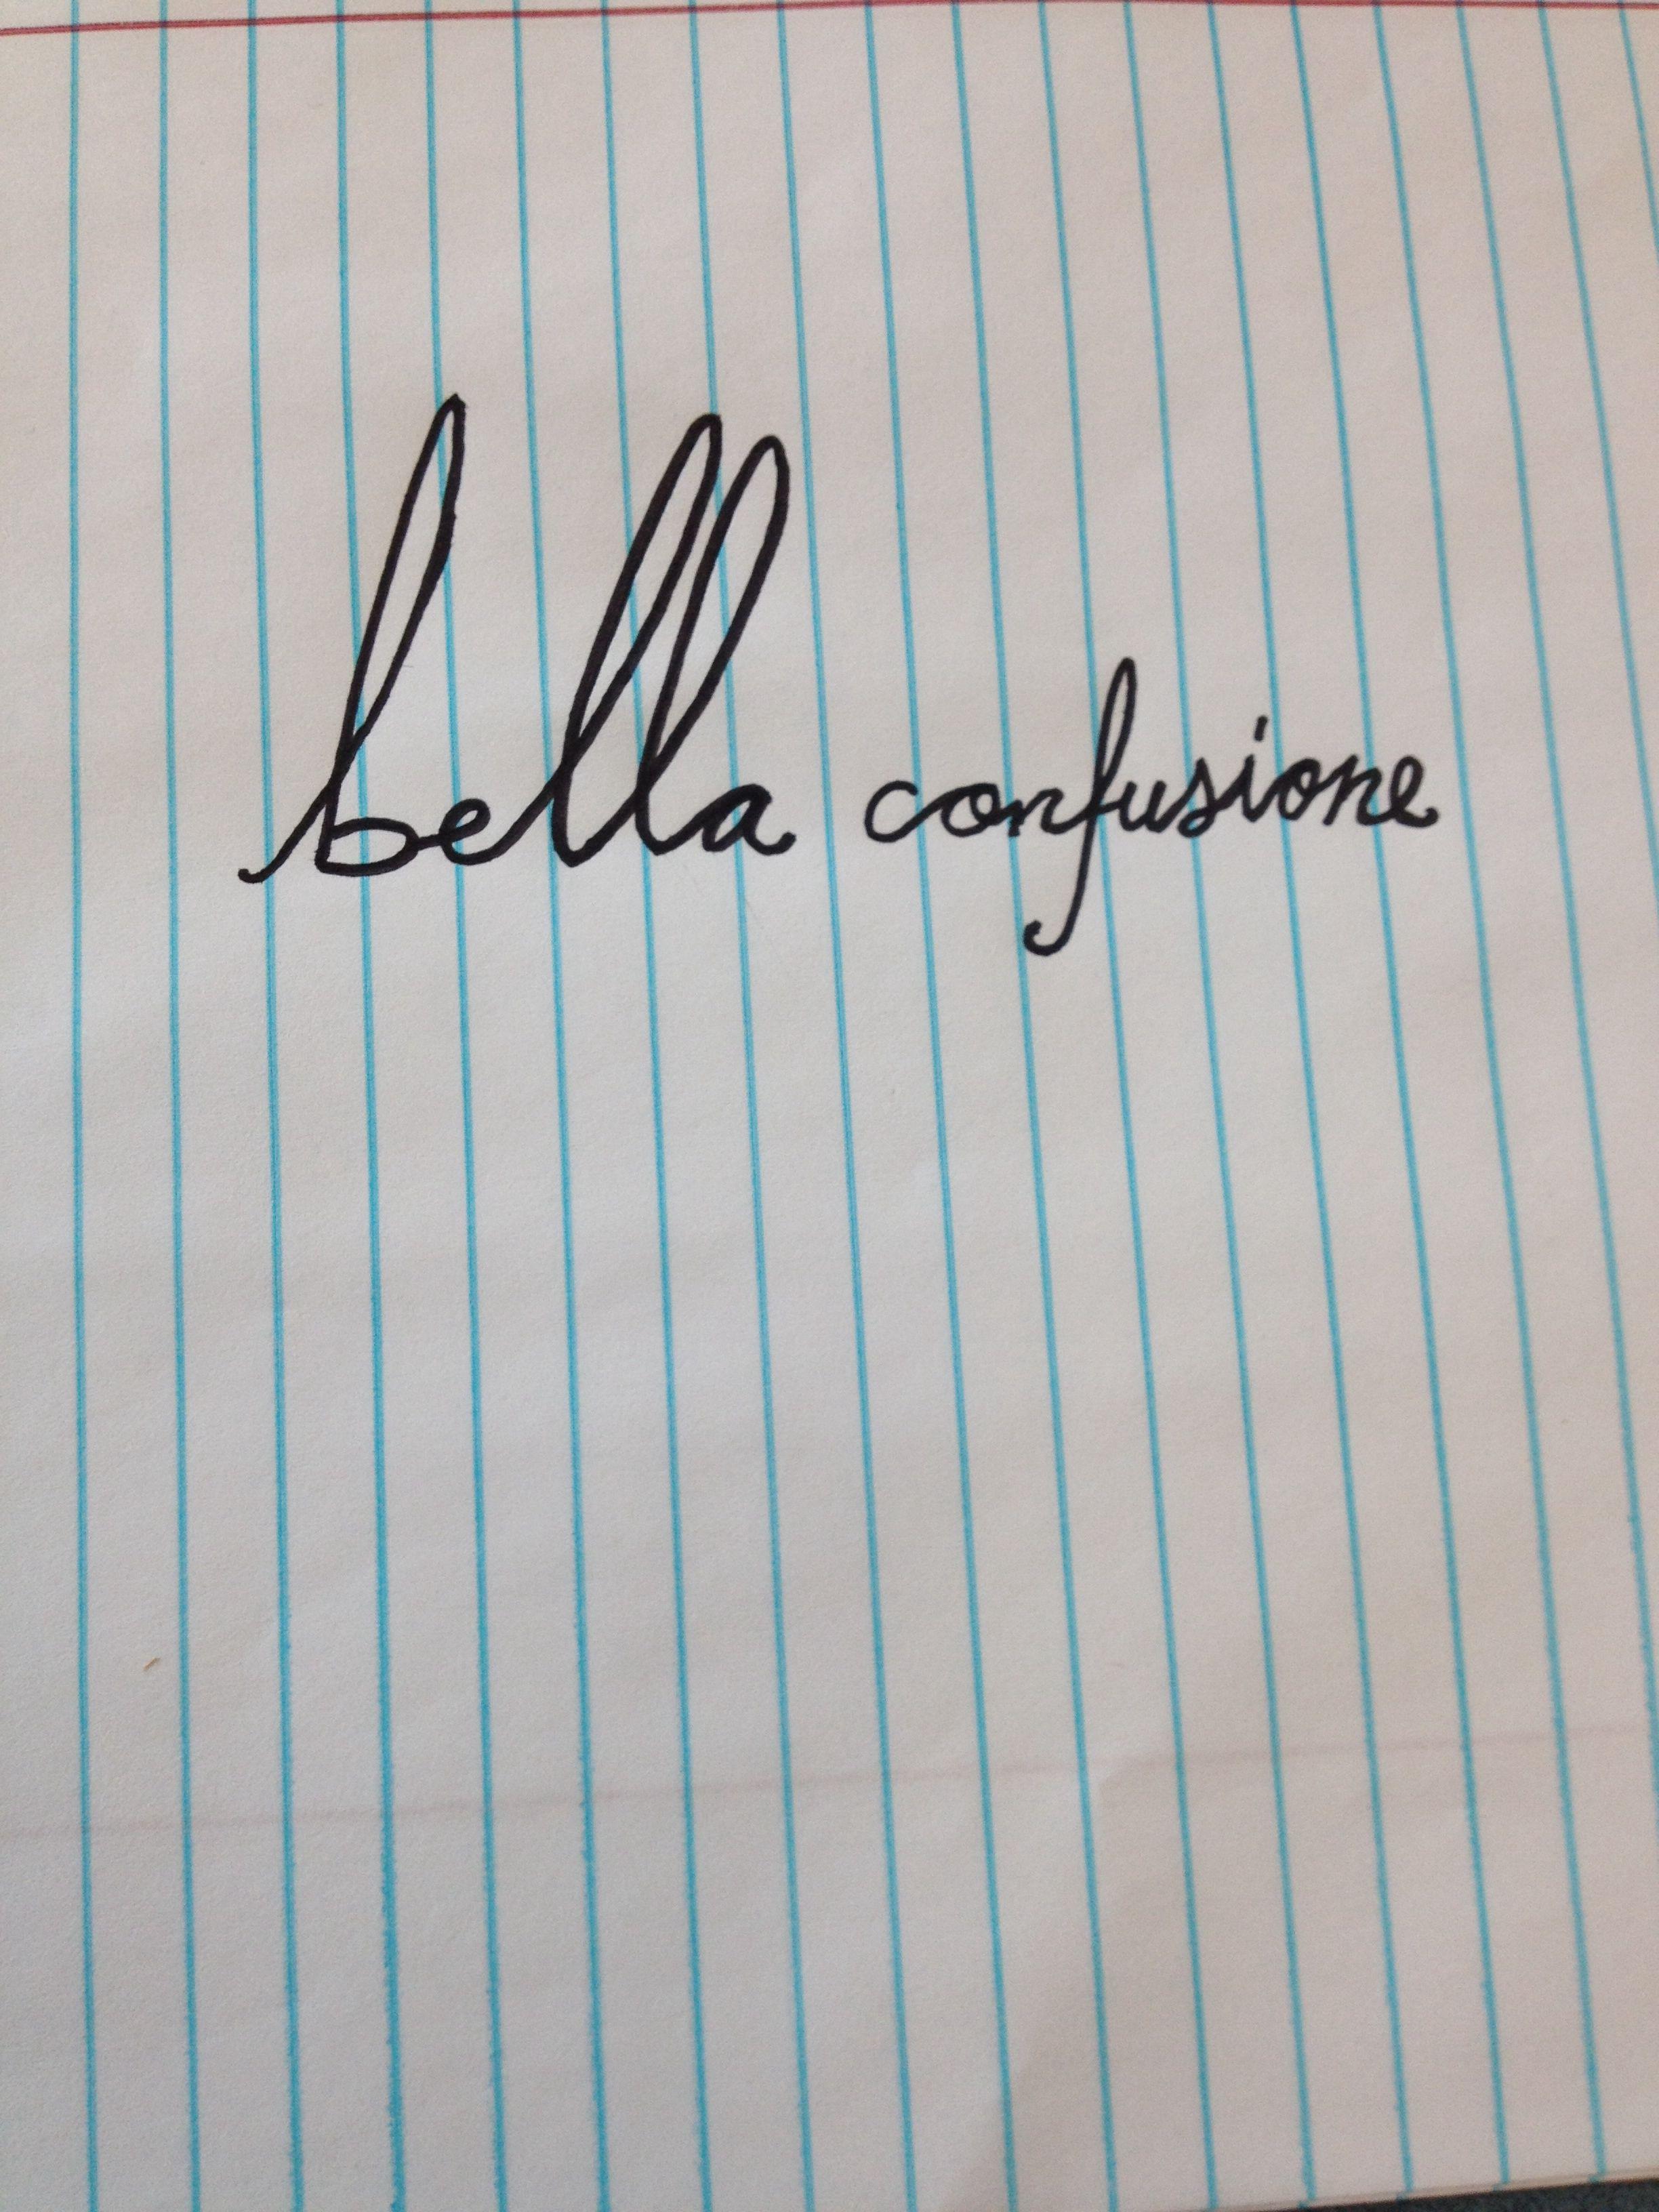 Pin By Ashley Elizabeth On Tattooos Italian Quote Tattoos Tattoo Quotes Good Tattoo Quotes